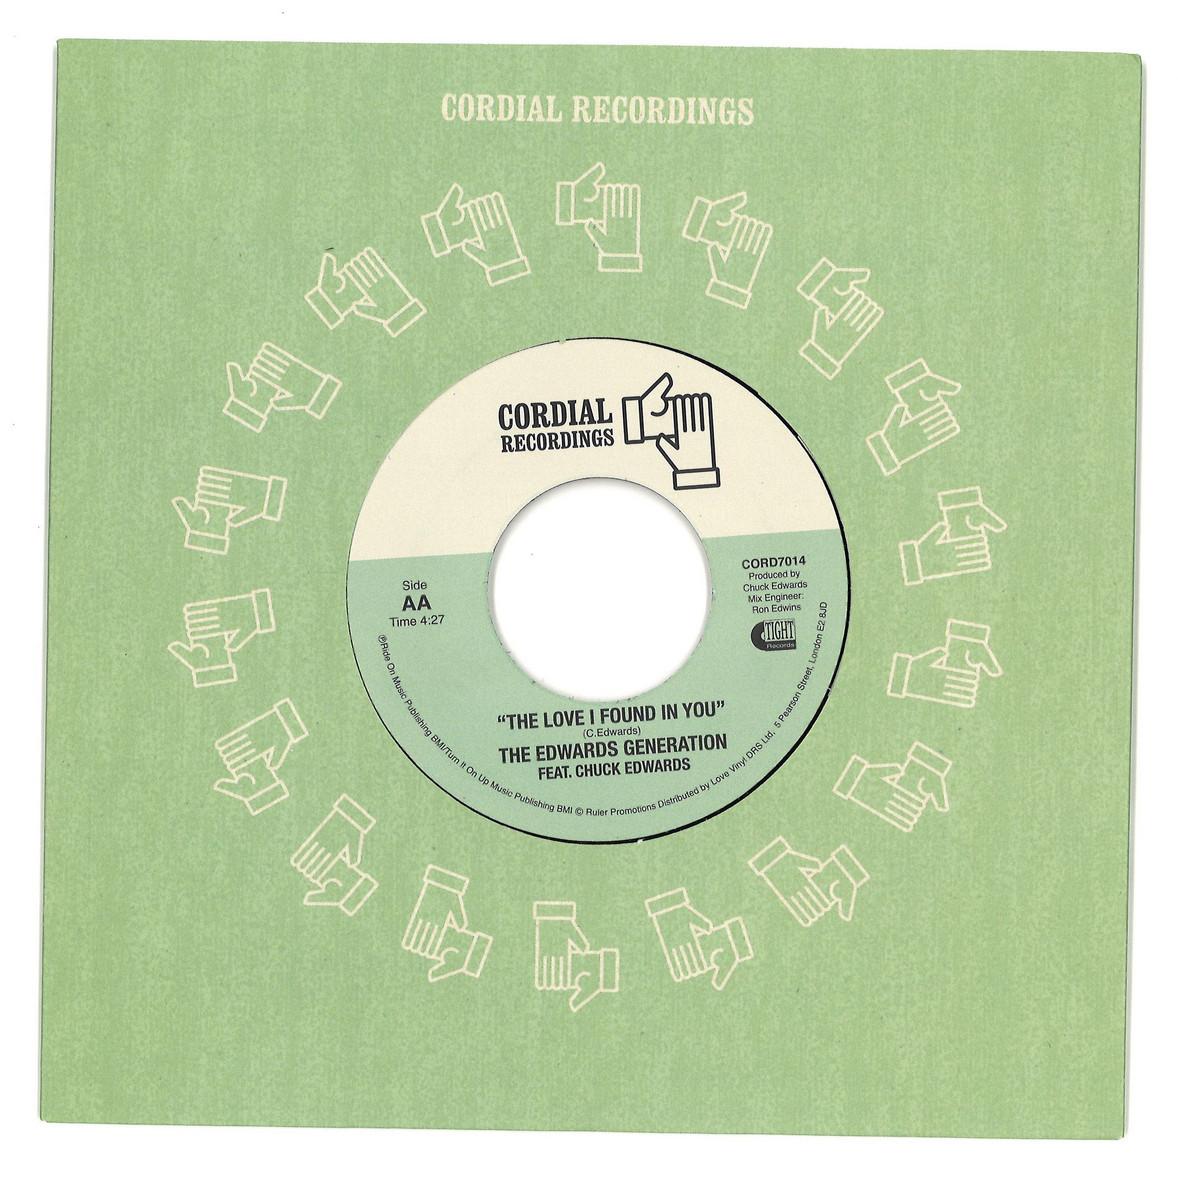 deejay de - Cordial Recordings